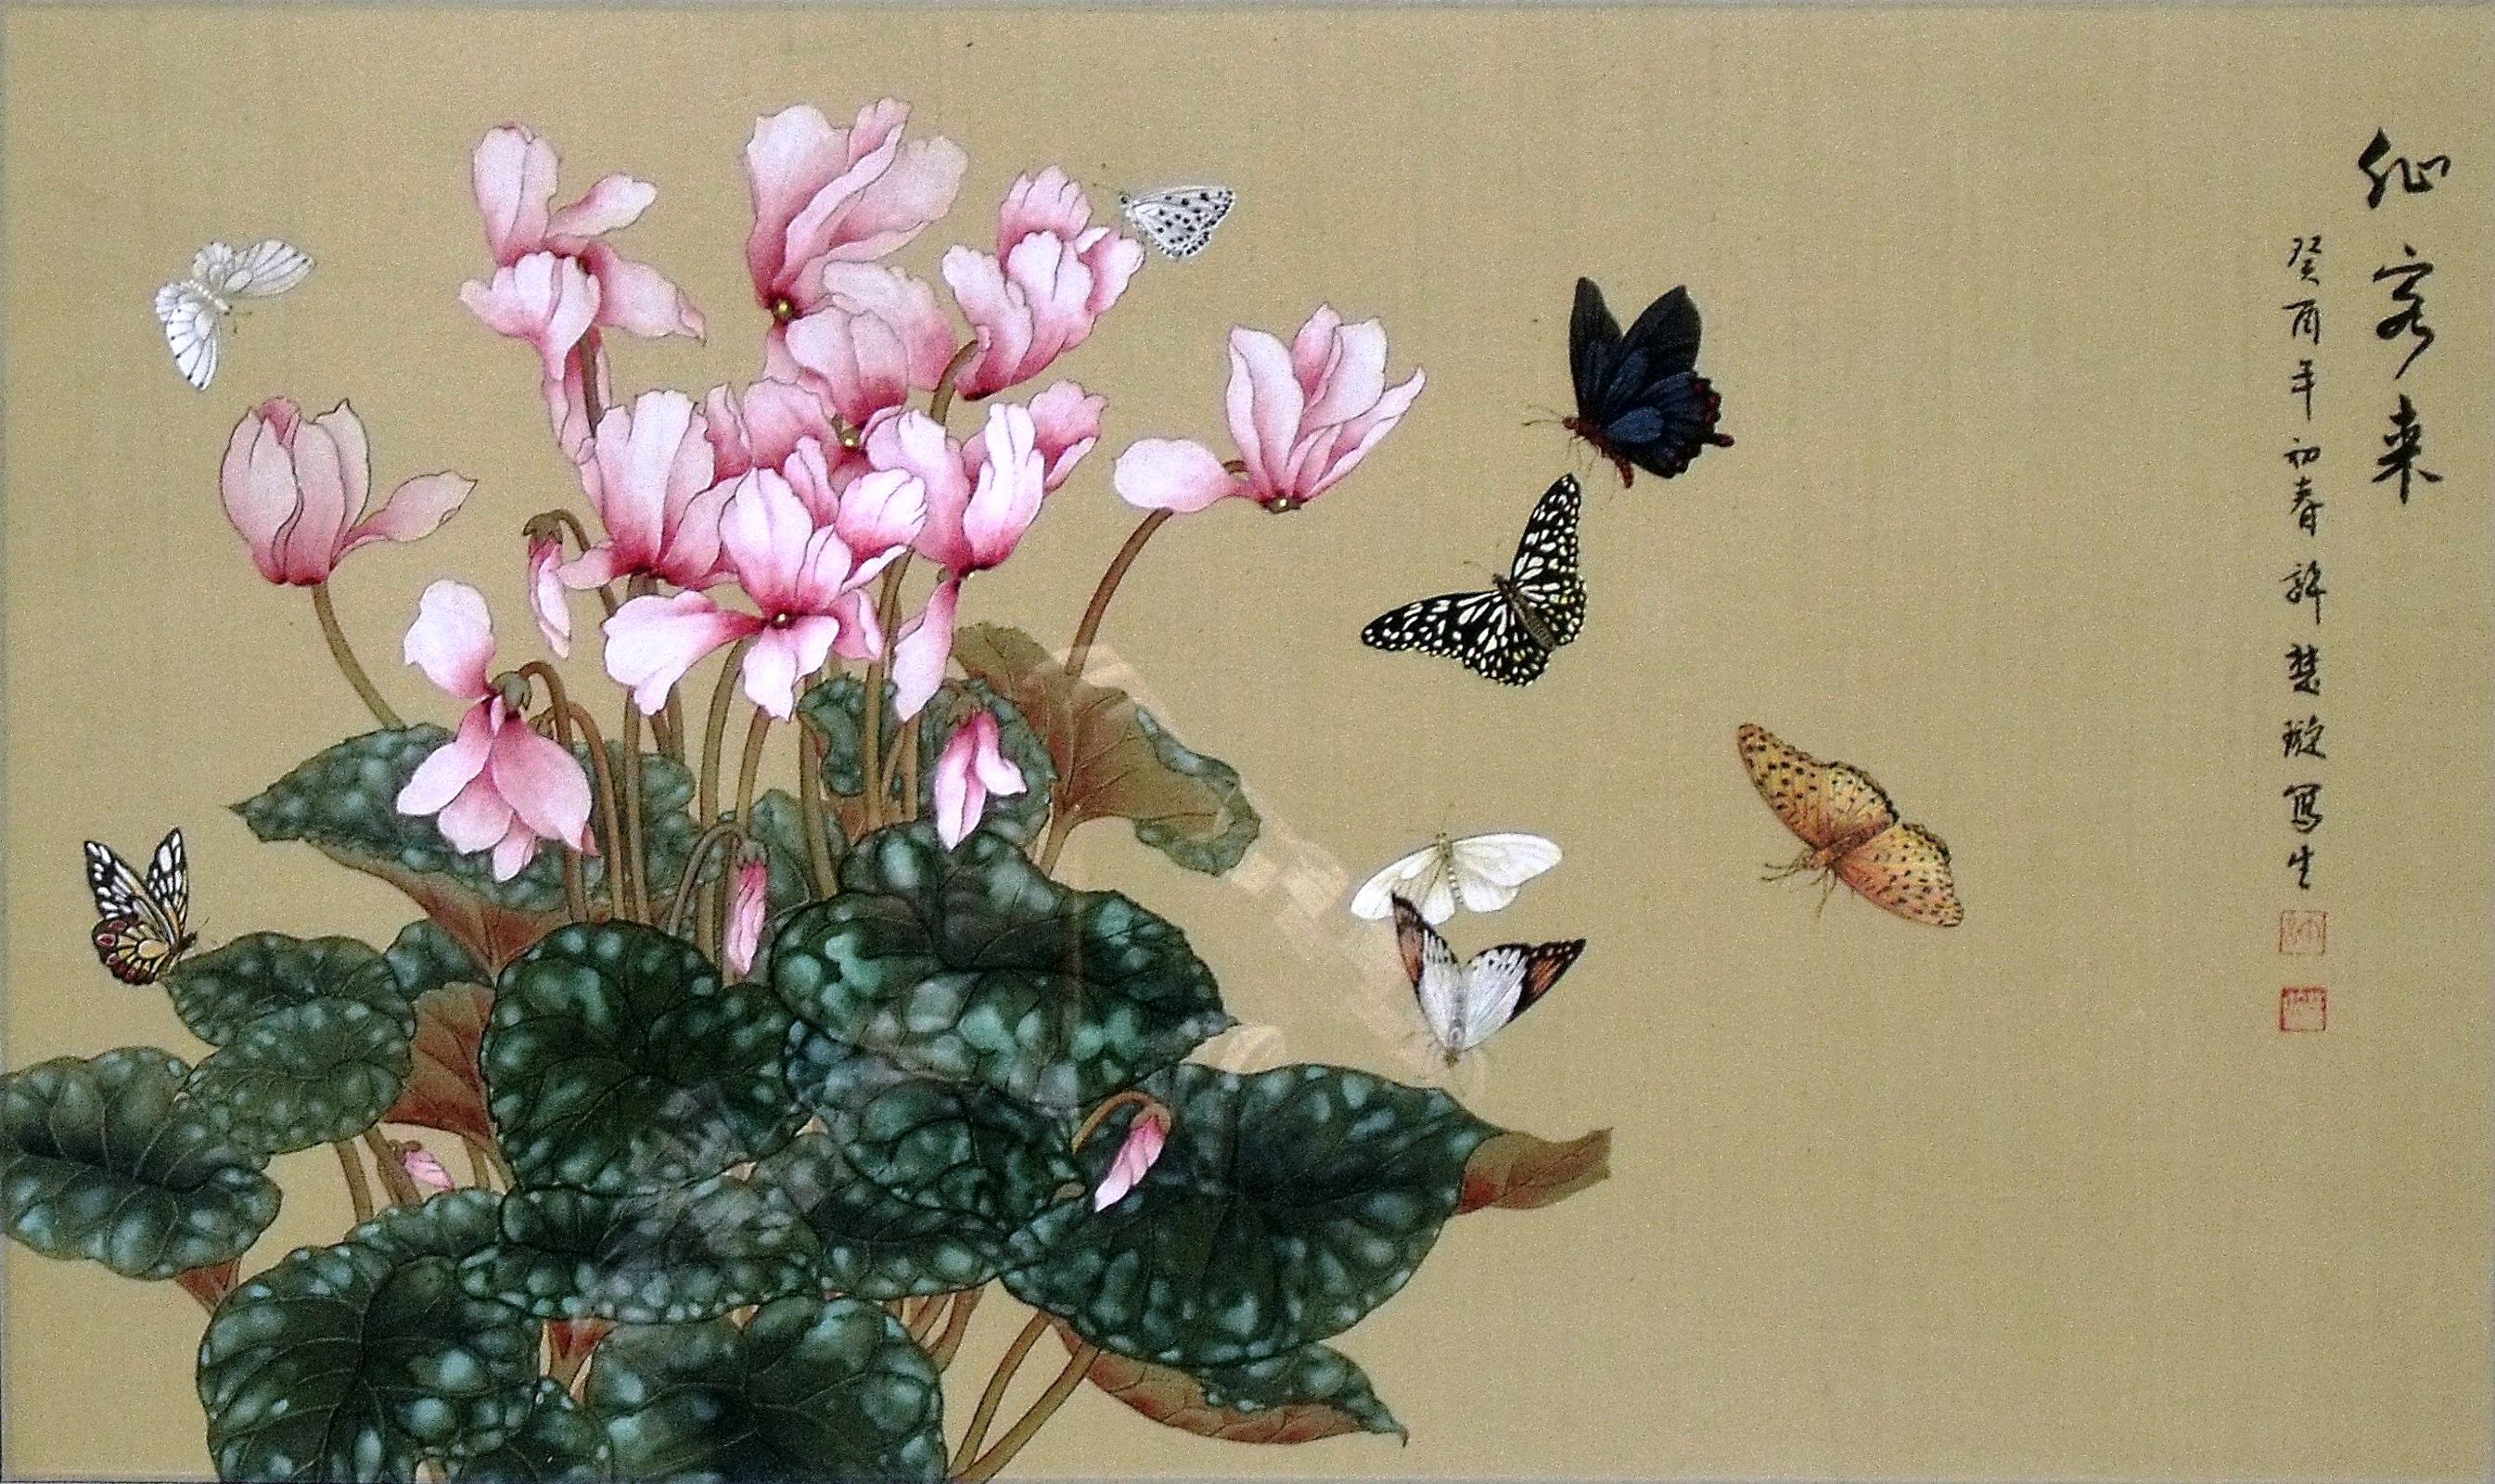 《仙客來》 三姊許楚璇女士1993年作於台北 (由國立中興大學藝術中心典藏)